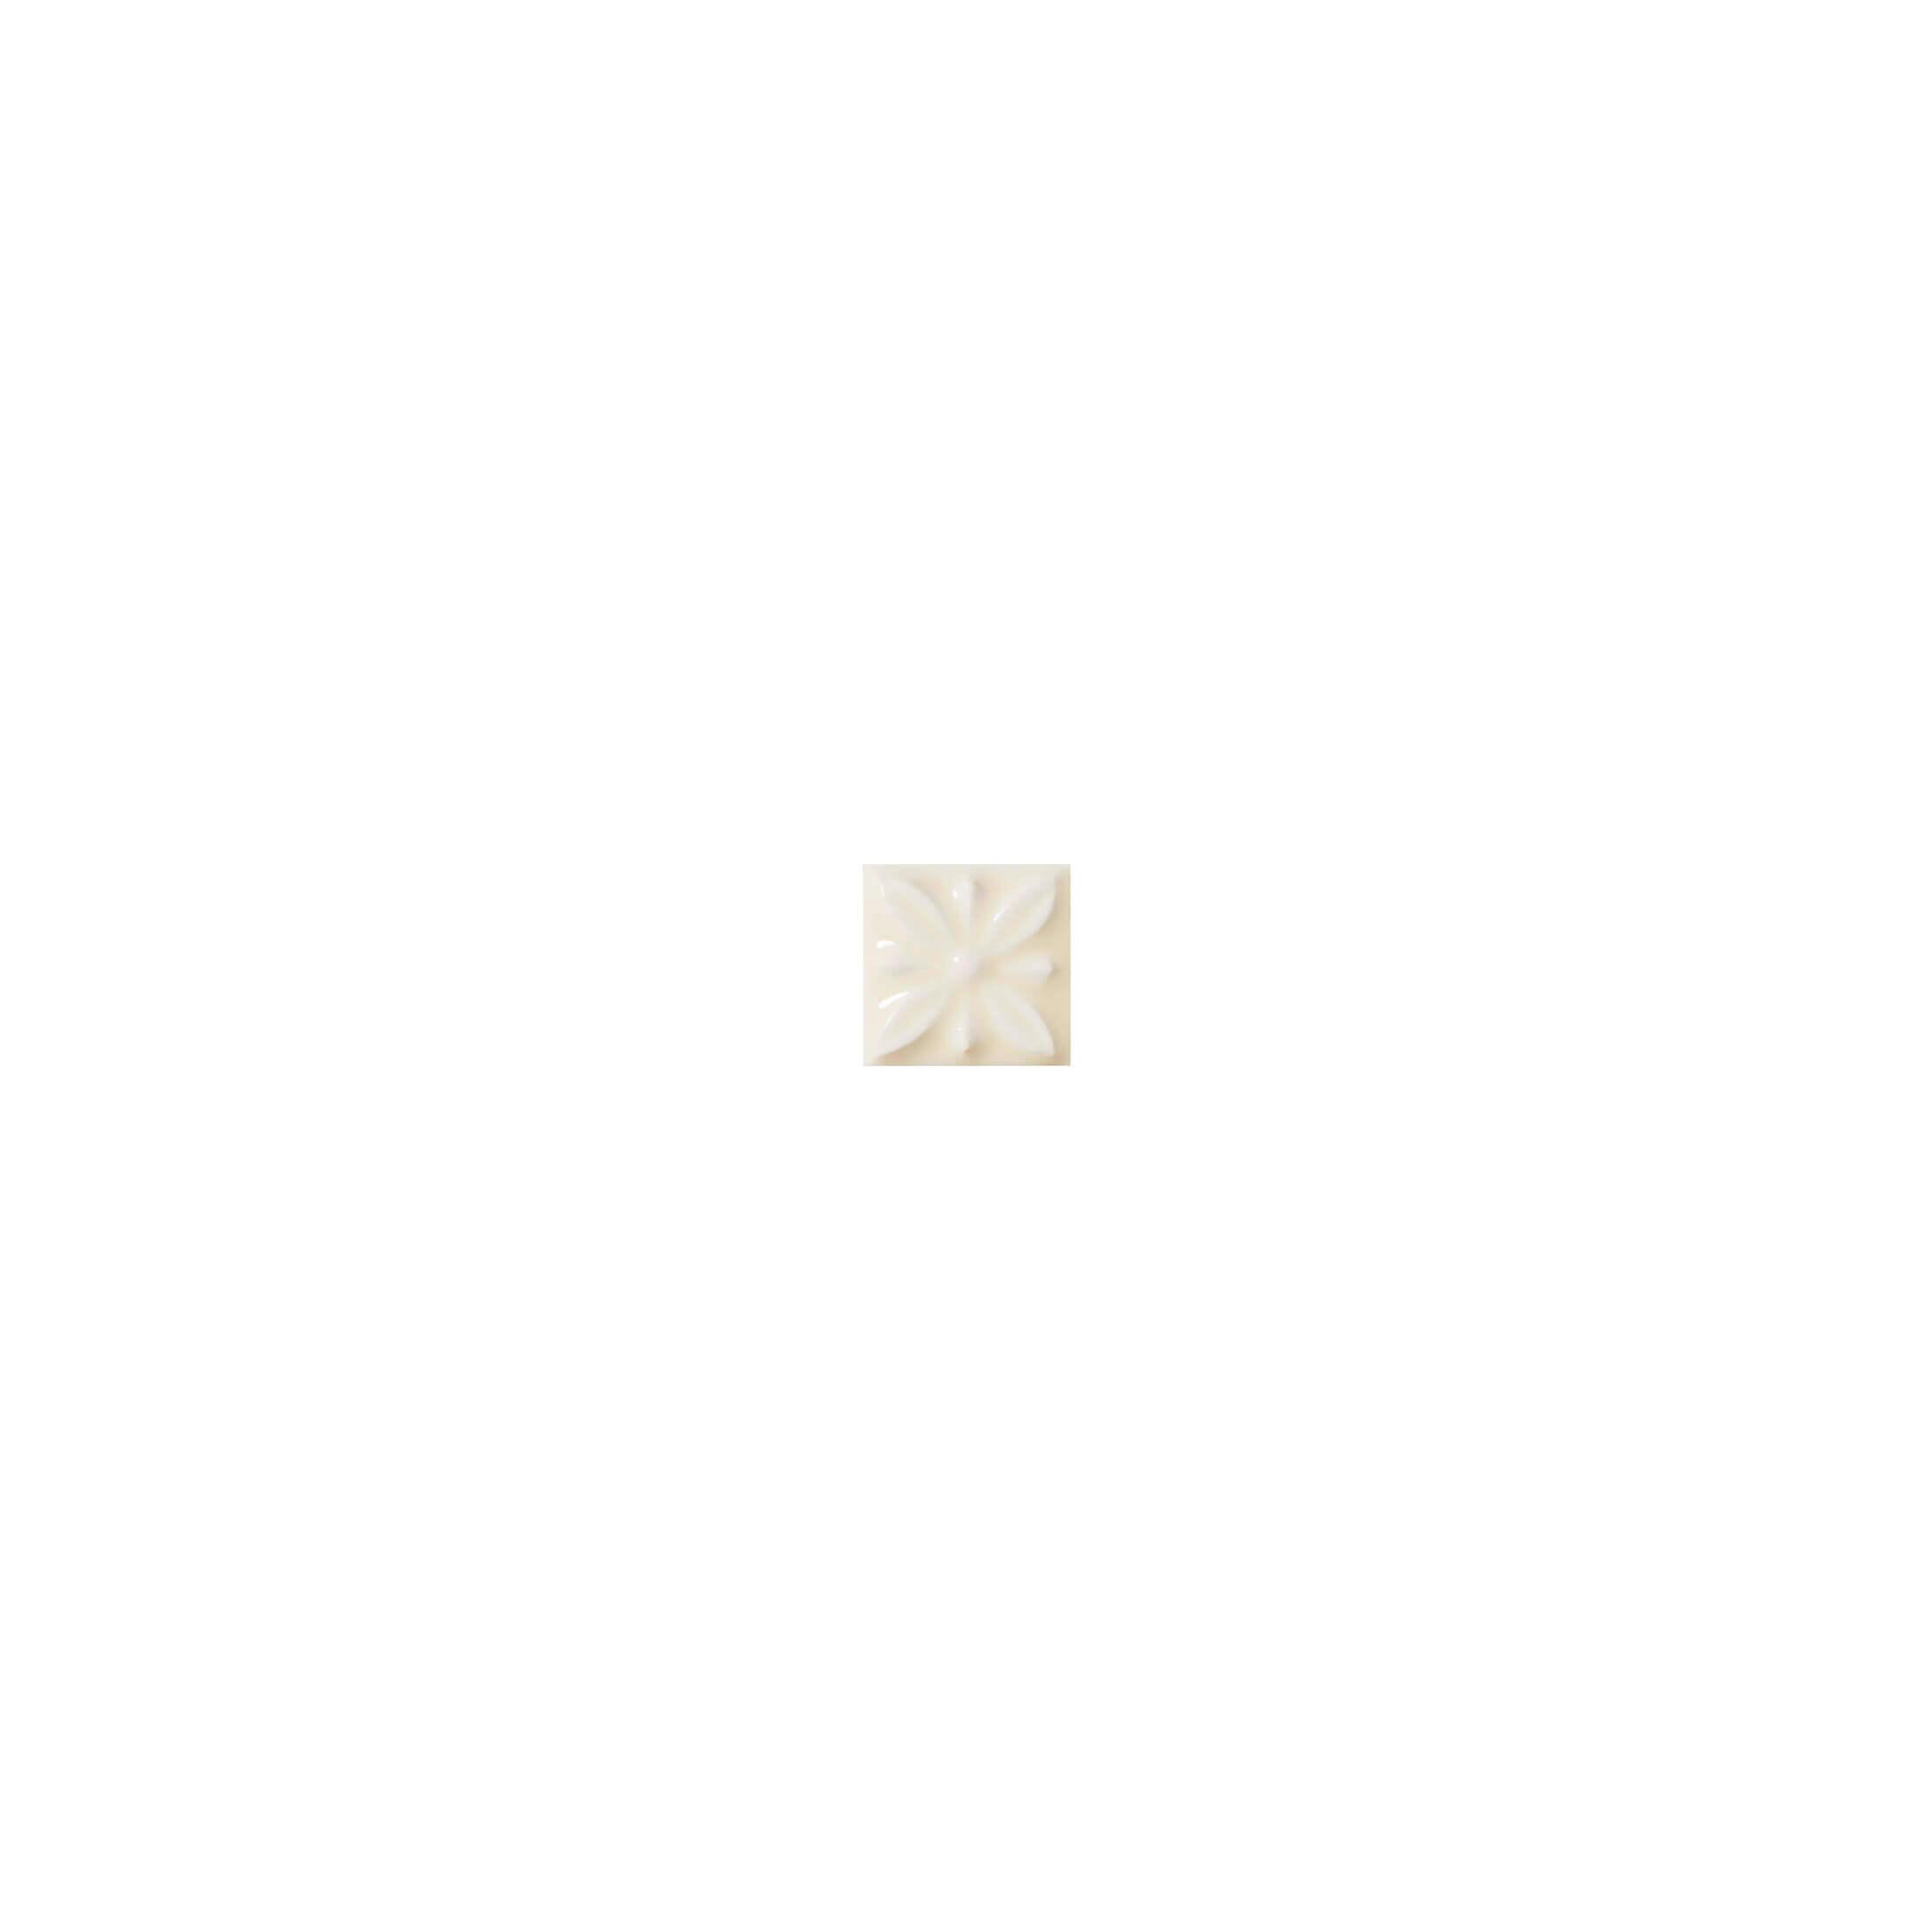 ADST4105 - TACO RELIEVE FLOR Nº 1 - 3 cm X 3 cm